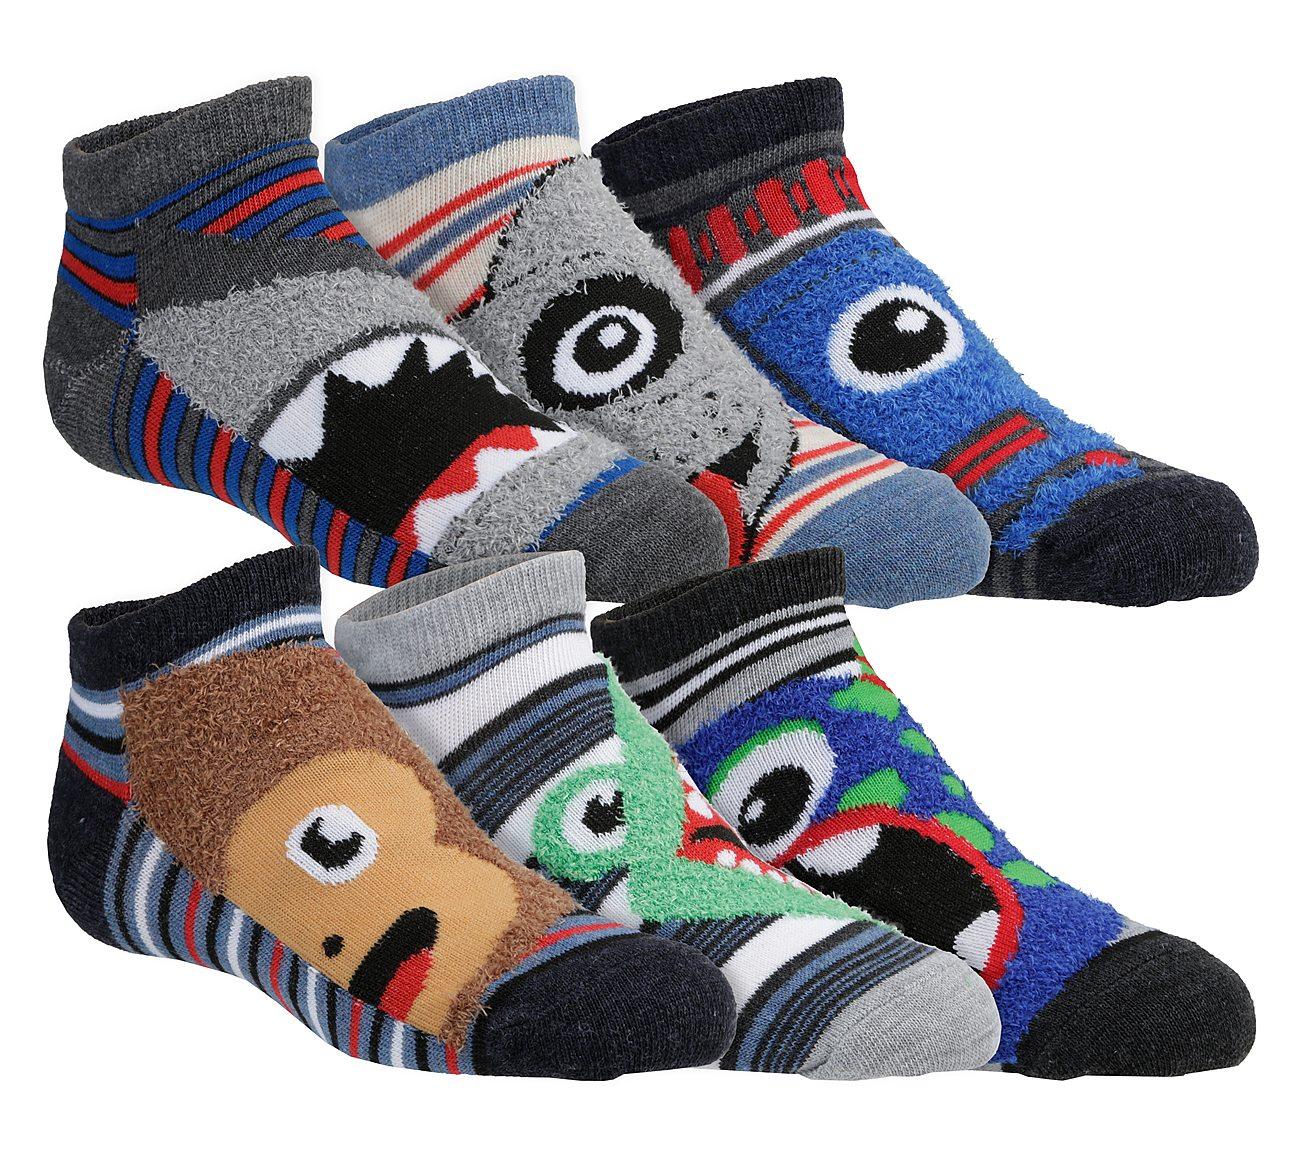 6 Pack Low Cut Cool Comfy Socks